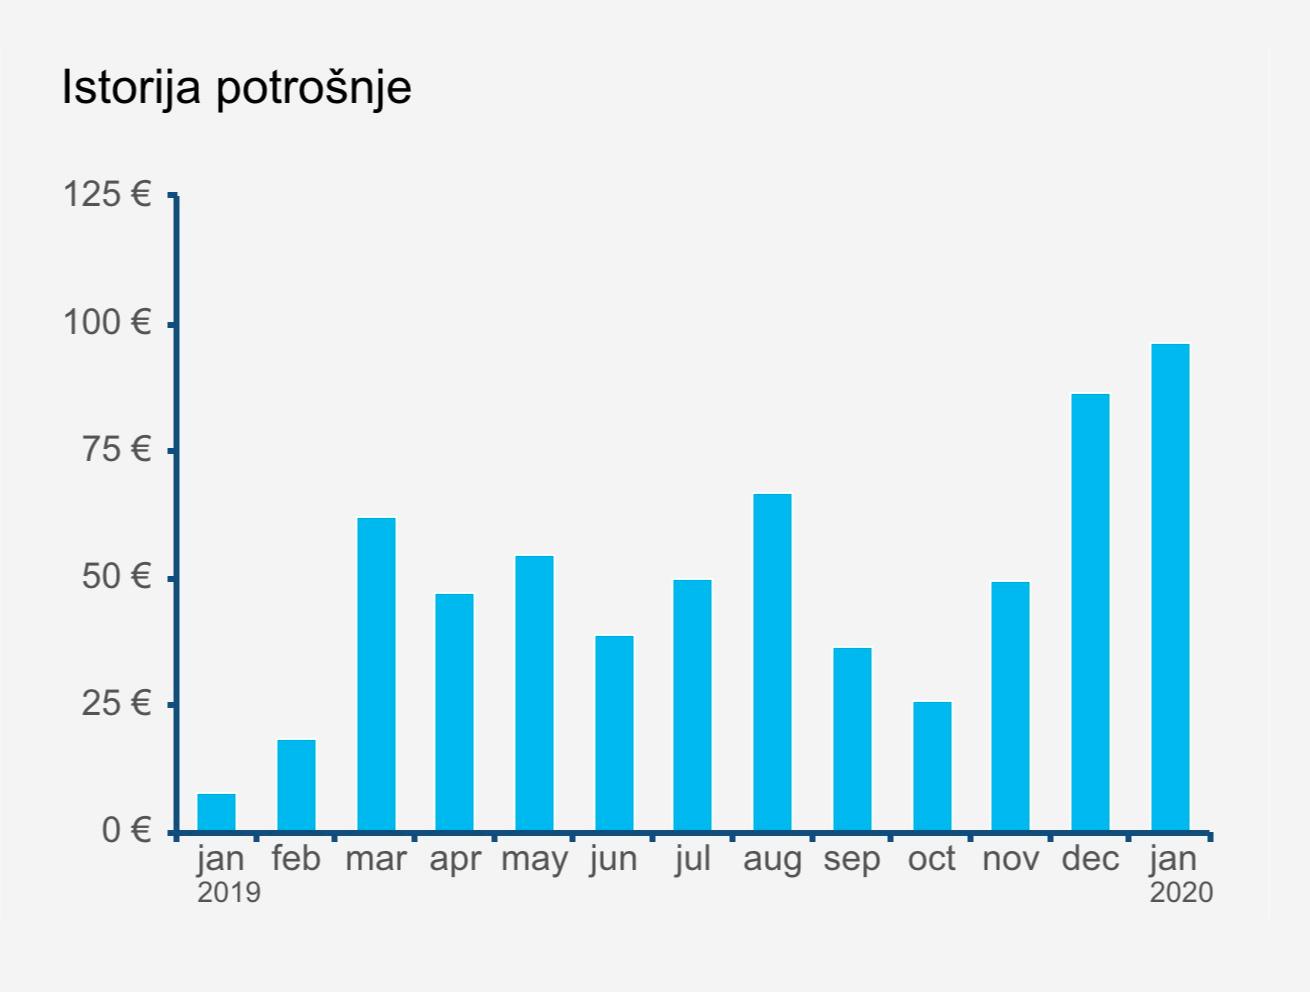 История моих платежей за электроэнергию за последние 12 месяцев. Скриншот из личного кабинета на сайте epcg.com